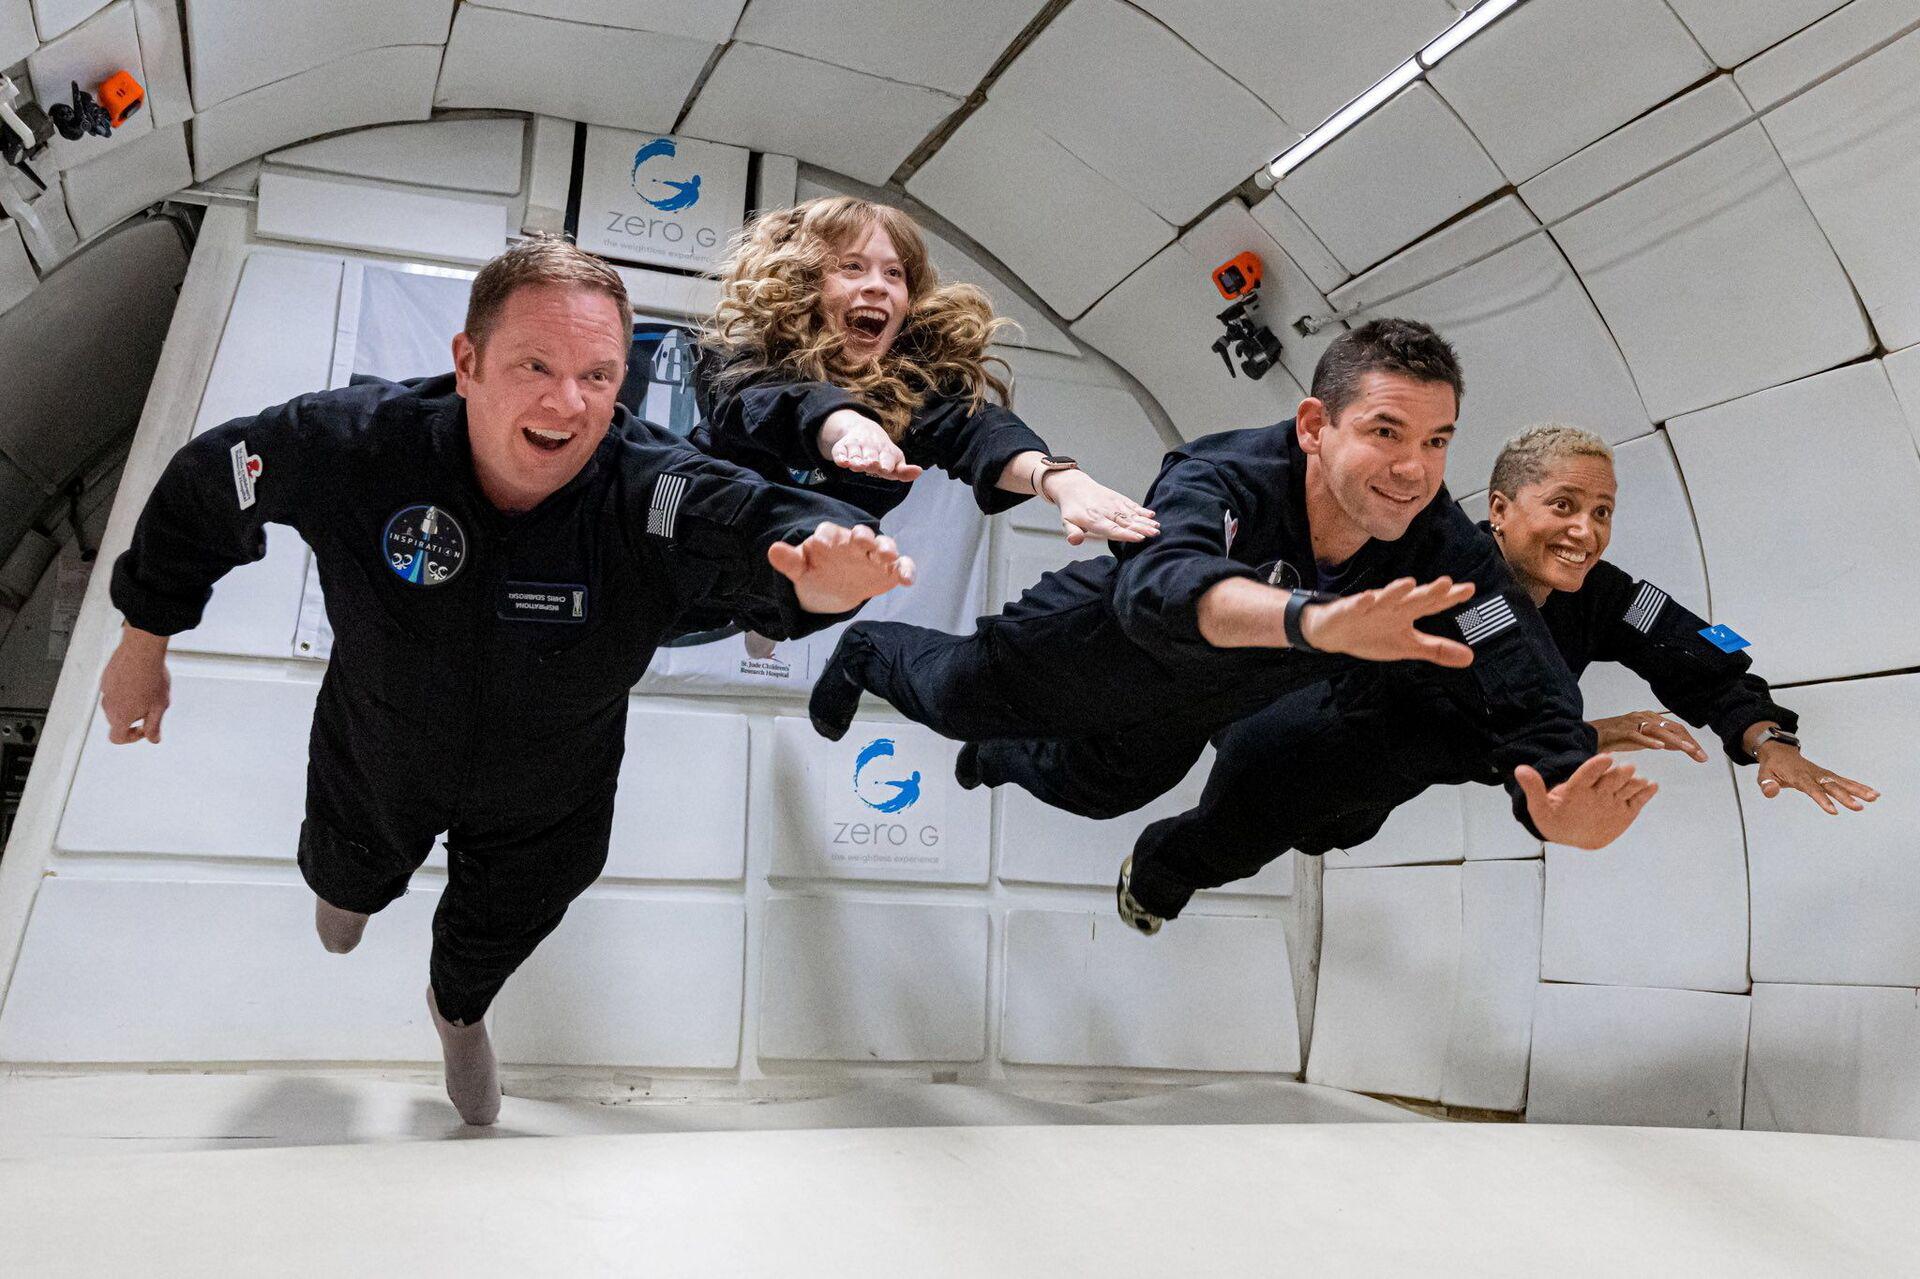 Phi hành đoàn Inspiration4  gồm Chris Sembroski, Sian Proctor, Jared Isaacman và Hayley Arceneaux trong tình trạng không trọng lực  - Sputnik Việt Nam, 1920, 05.10.2021